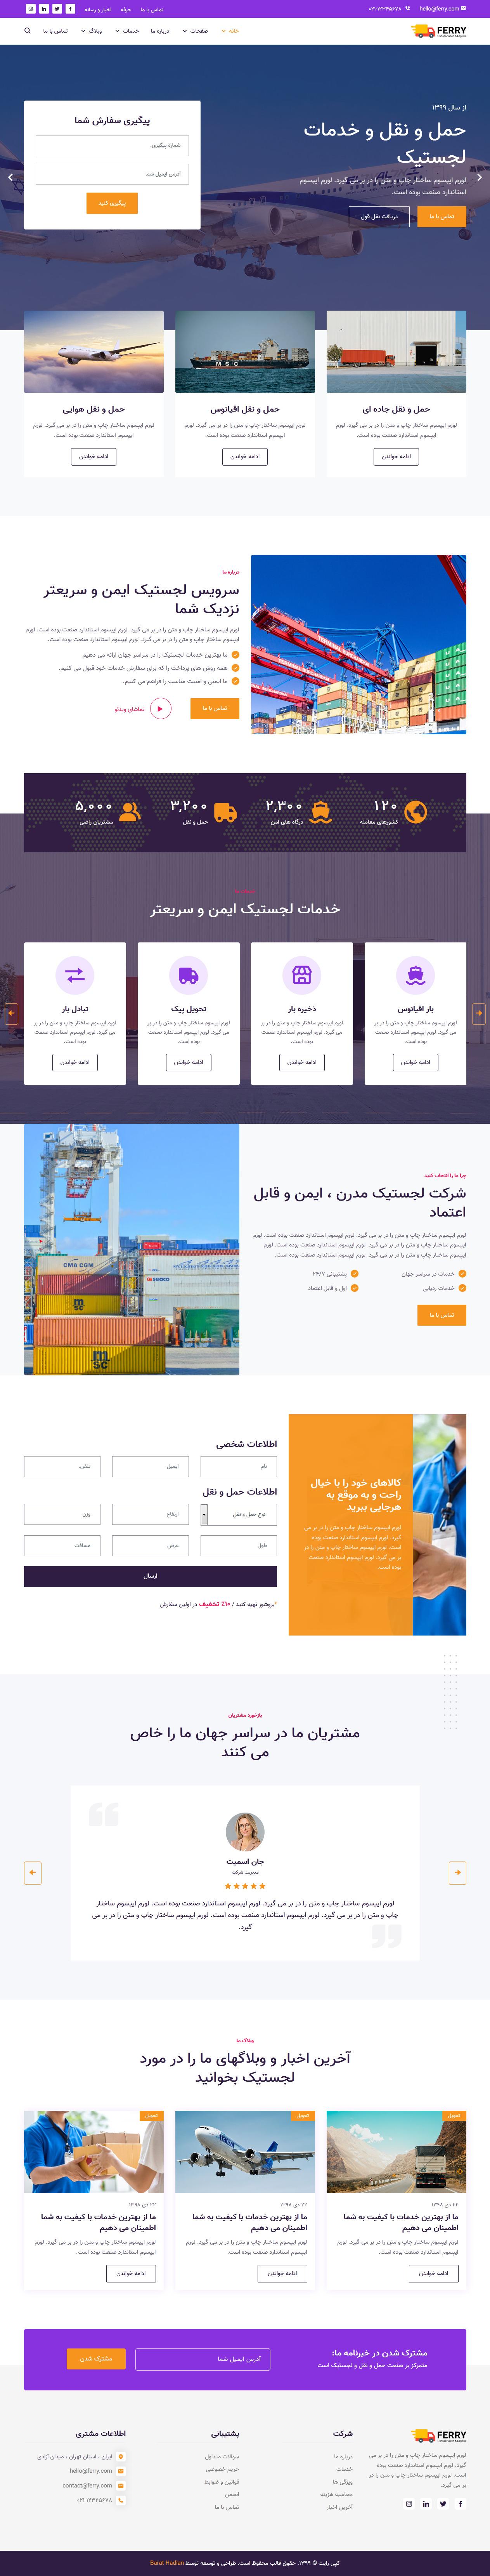 قالب Ferry، قالب HTML شرکتی حمل و نقل تجاری فری